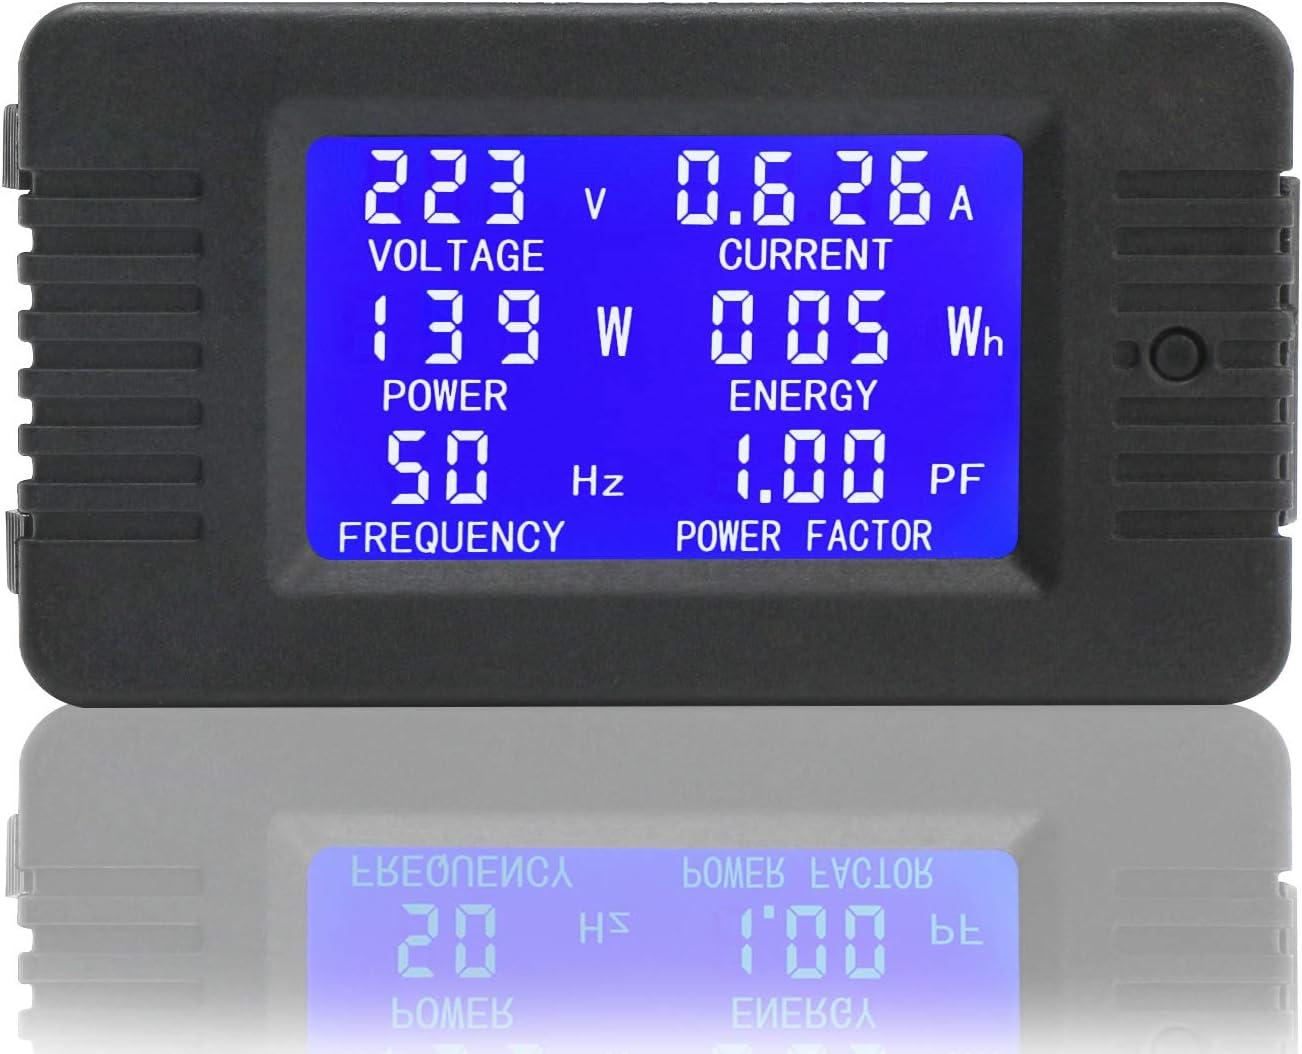 Droking Medidor Digital de AC AC 80 ~ 260V 100A Volt/ímetro Amper/ímetro Vat/ímetro Mult/ímetro Voltaje de Prueba Amperaje Energ/ía Energ/ía Factor Todo en un medidor con Transformador de Corriente CT